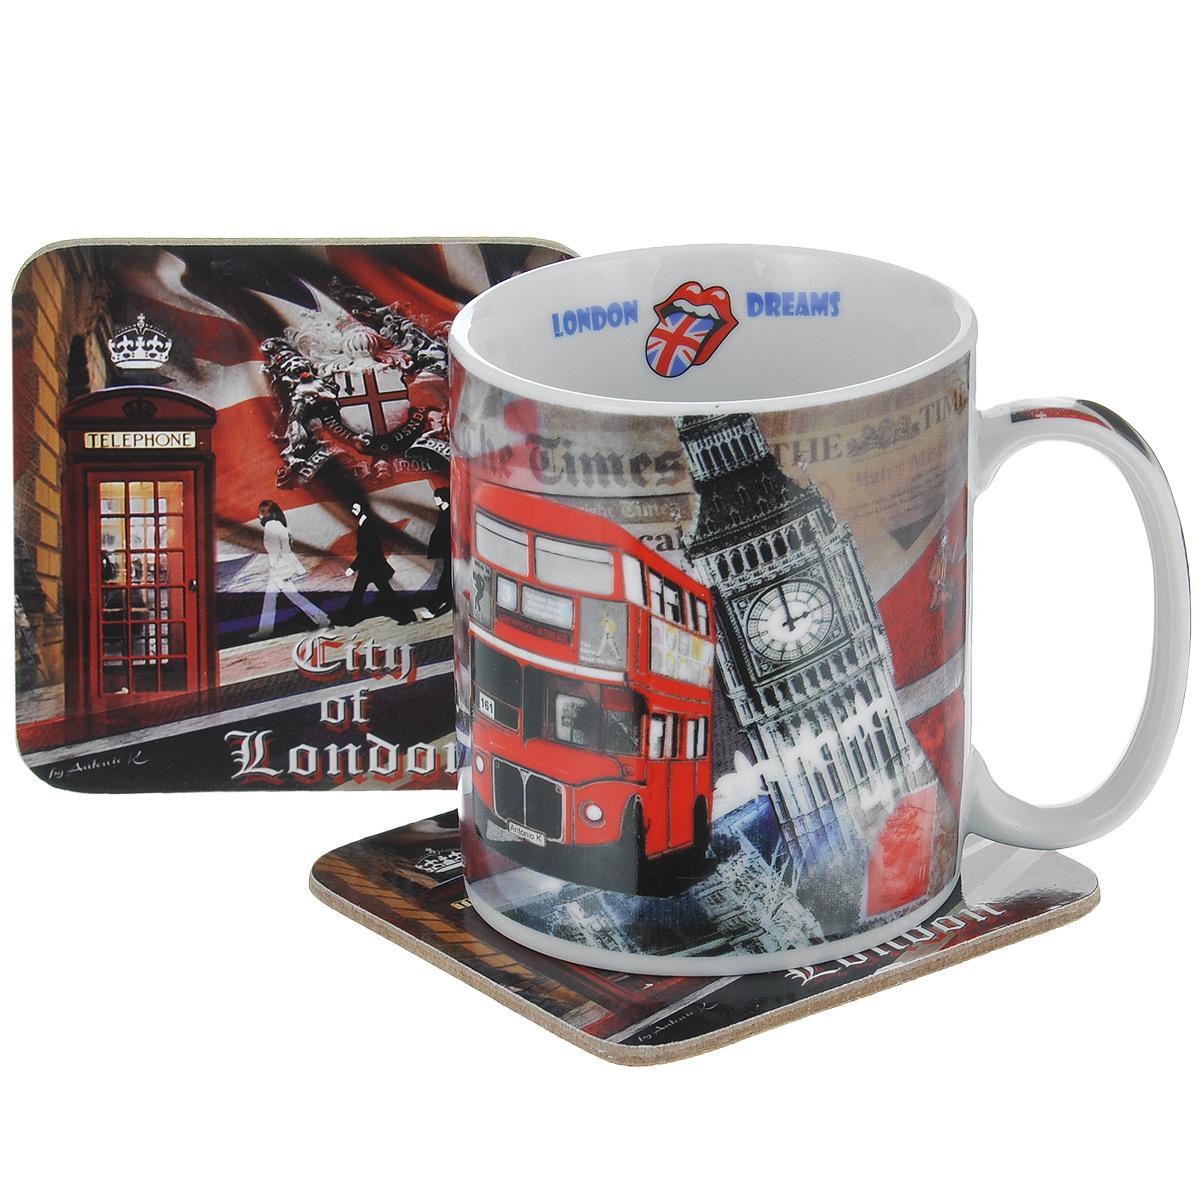 Набор чайный GiftLand Лондонские фантазии, 3 предметаRB-07066 LonЧайный набор GiftLand Лондонские фантазии состоит из фарфоровой кружки и двух подставок под кружку, изготовленных из пробки. Предметы набора декорированы изображением Лондона. Яркий и стильный чайный набор прекрасно впишется в интерьер вашей кухни и создаст хорошее настроение во время чаепития. Набор упакован в подарочную коробку в виде лондонской телефонной будки. Кружку можно мыть в посудомоечной машине и использовать в микроволновой печи. Объем кружки: 300 мл. Диаметр кружки: 8,5 см. Высота кружки: 9,5 см. Размер подставки: 9 см х 9 см.